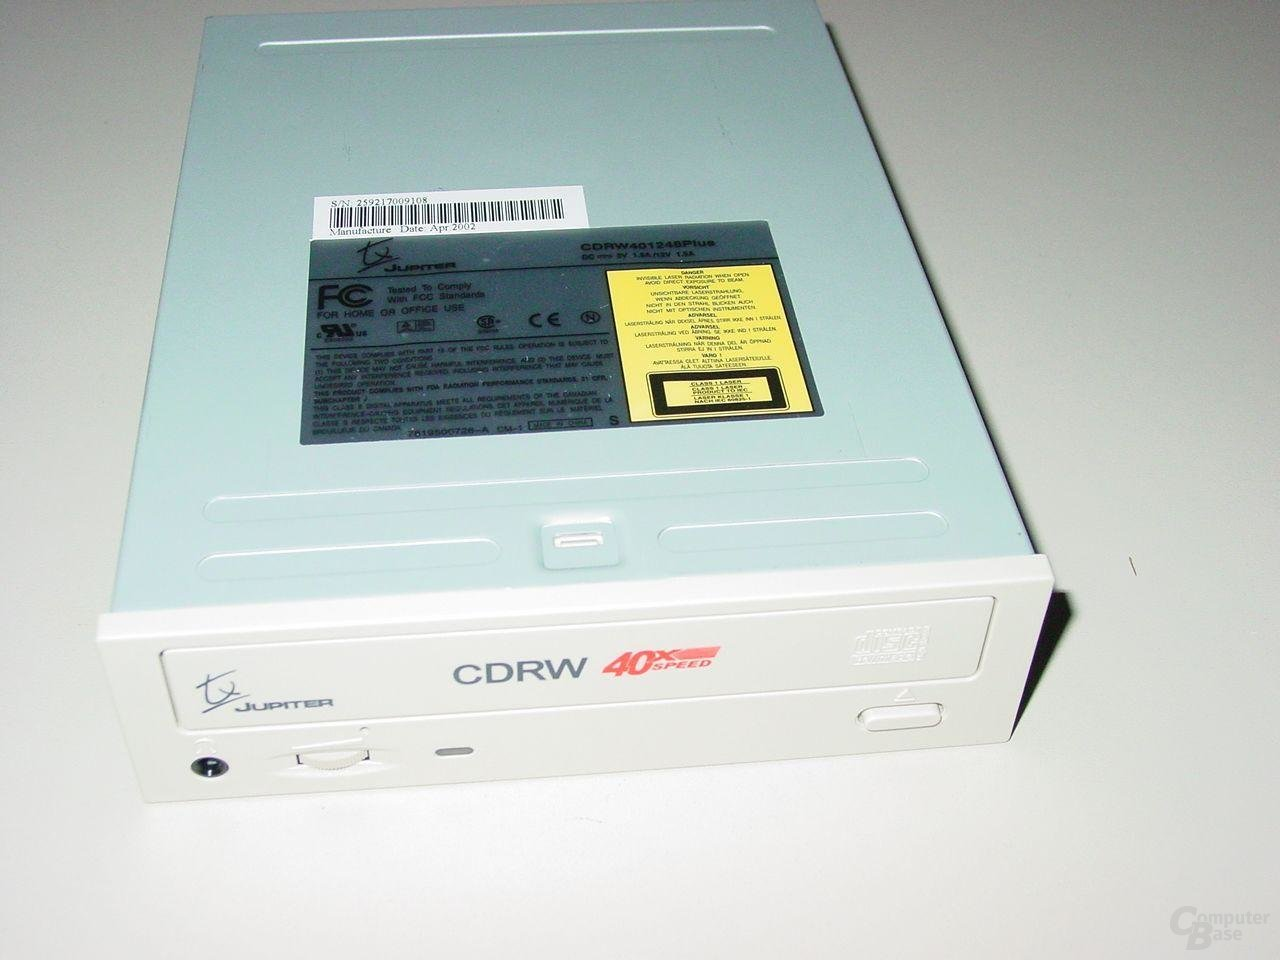 Draufsicht CDRW 401248 tx